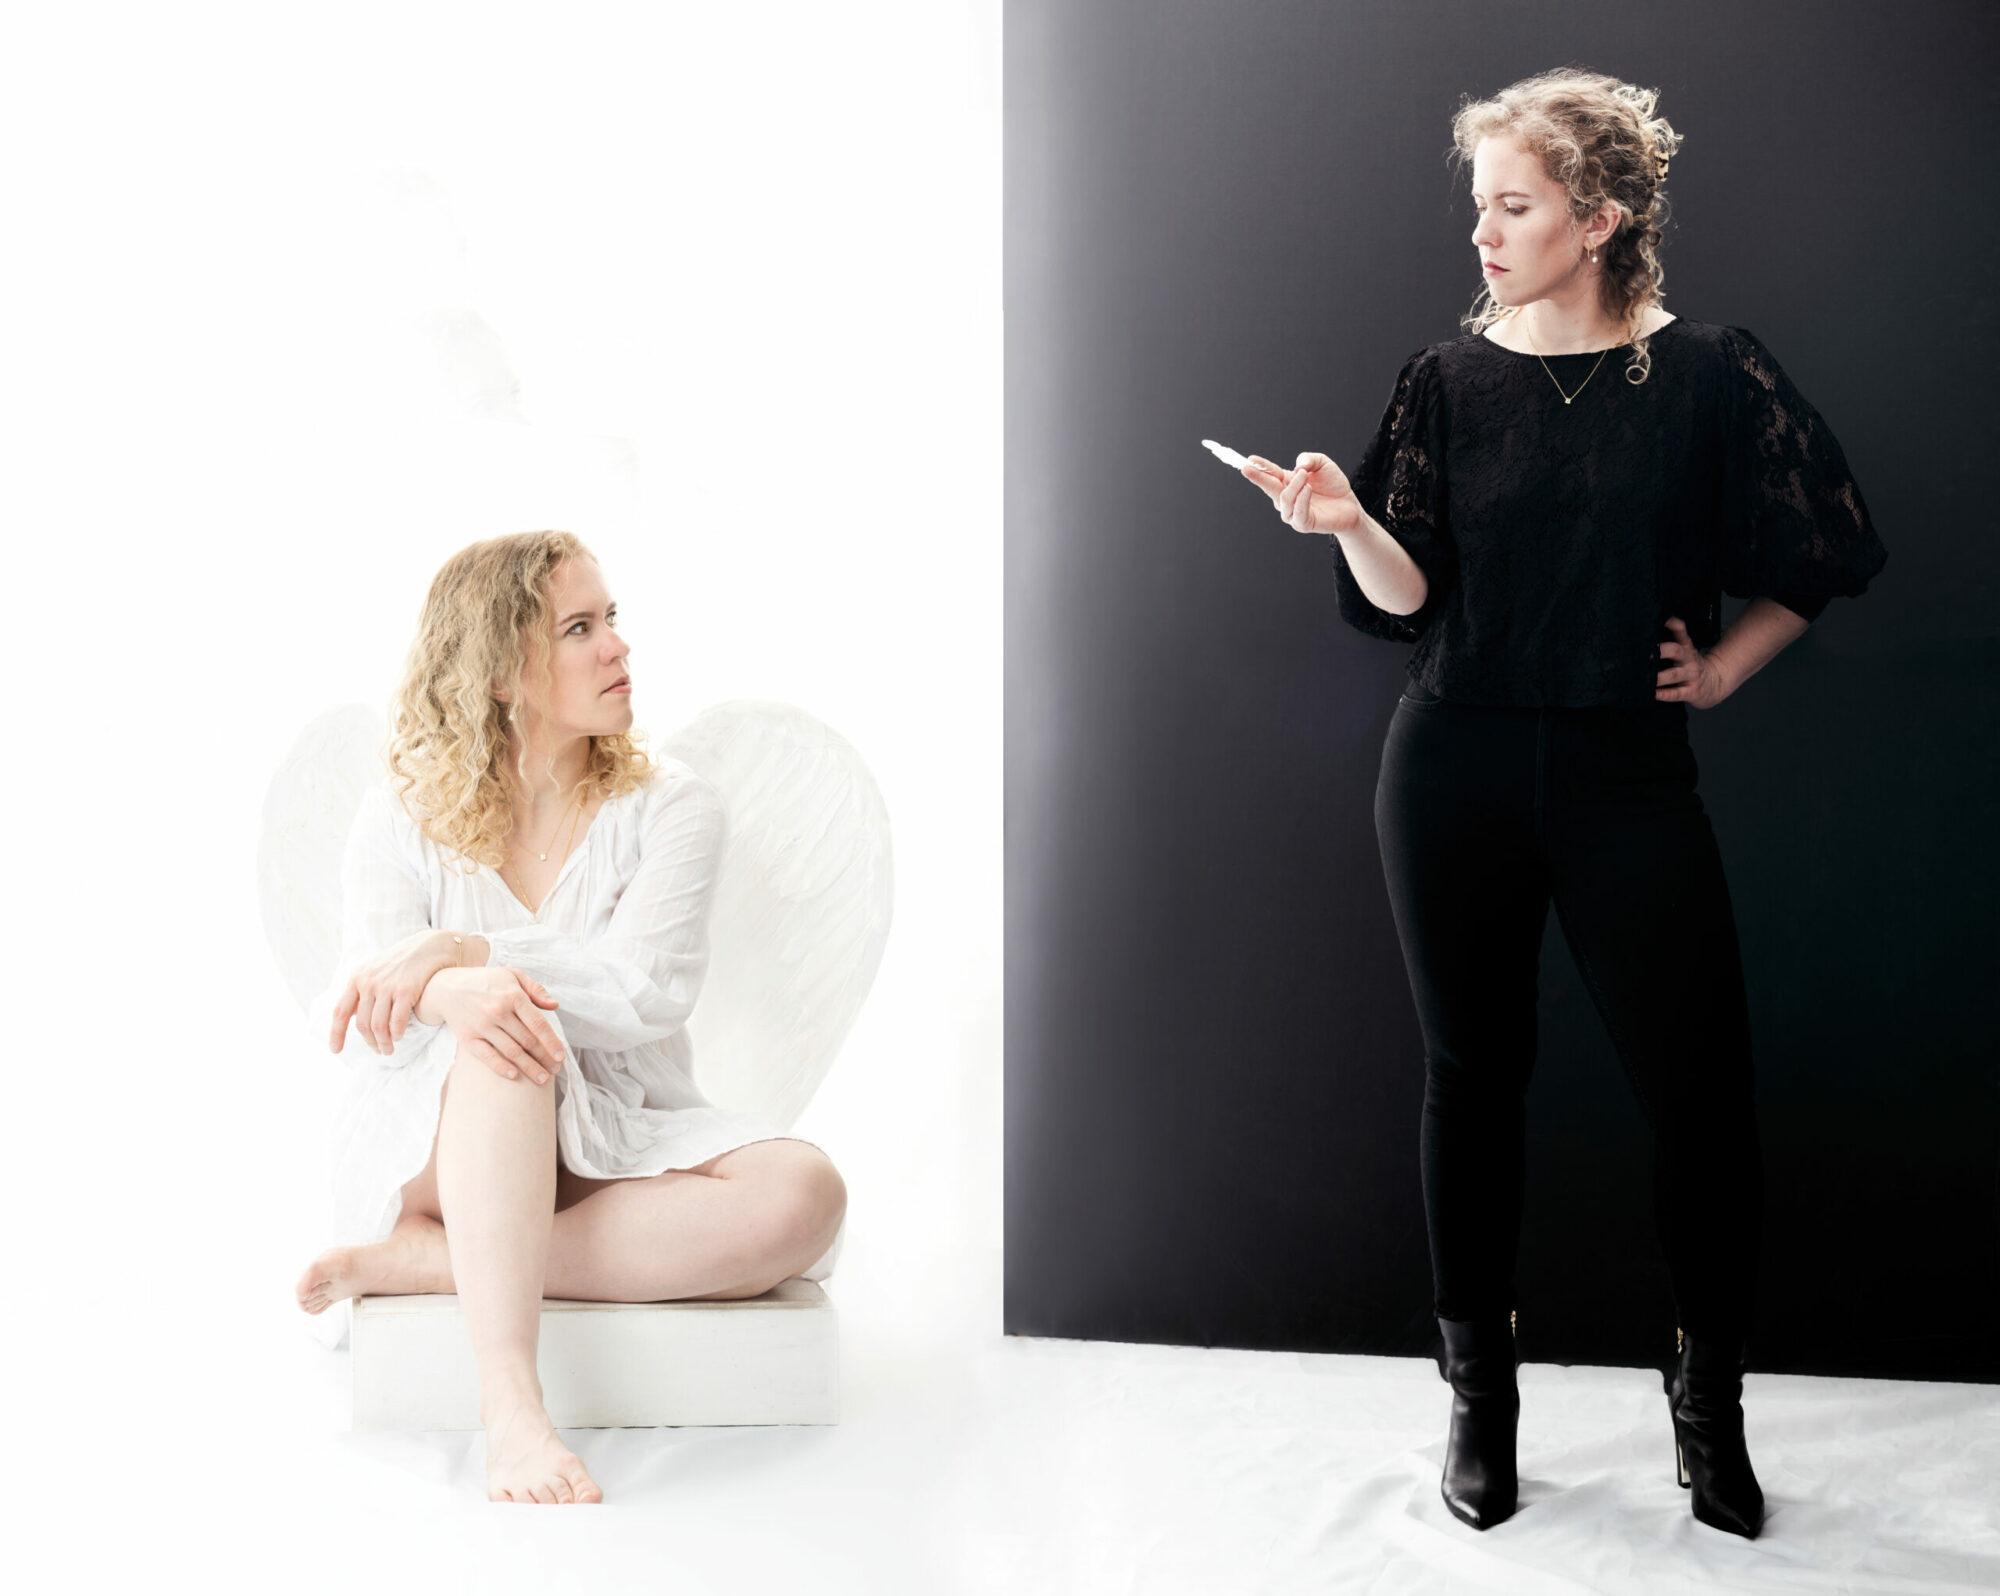 Bridget-duality-opposites